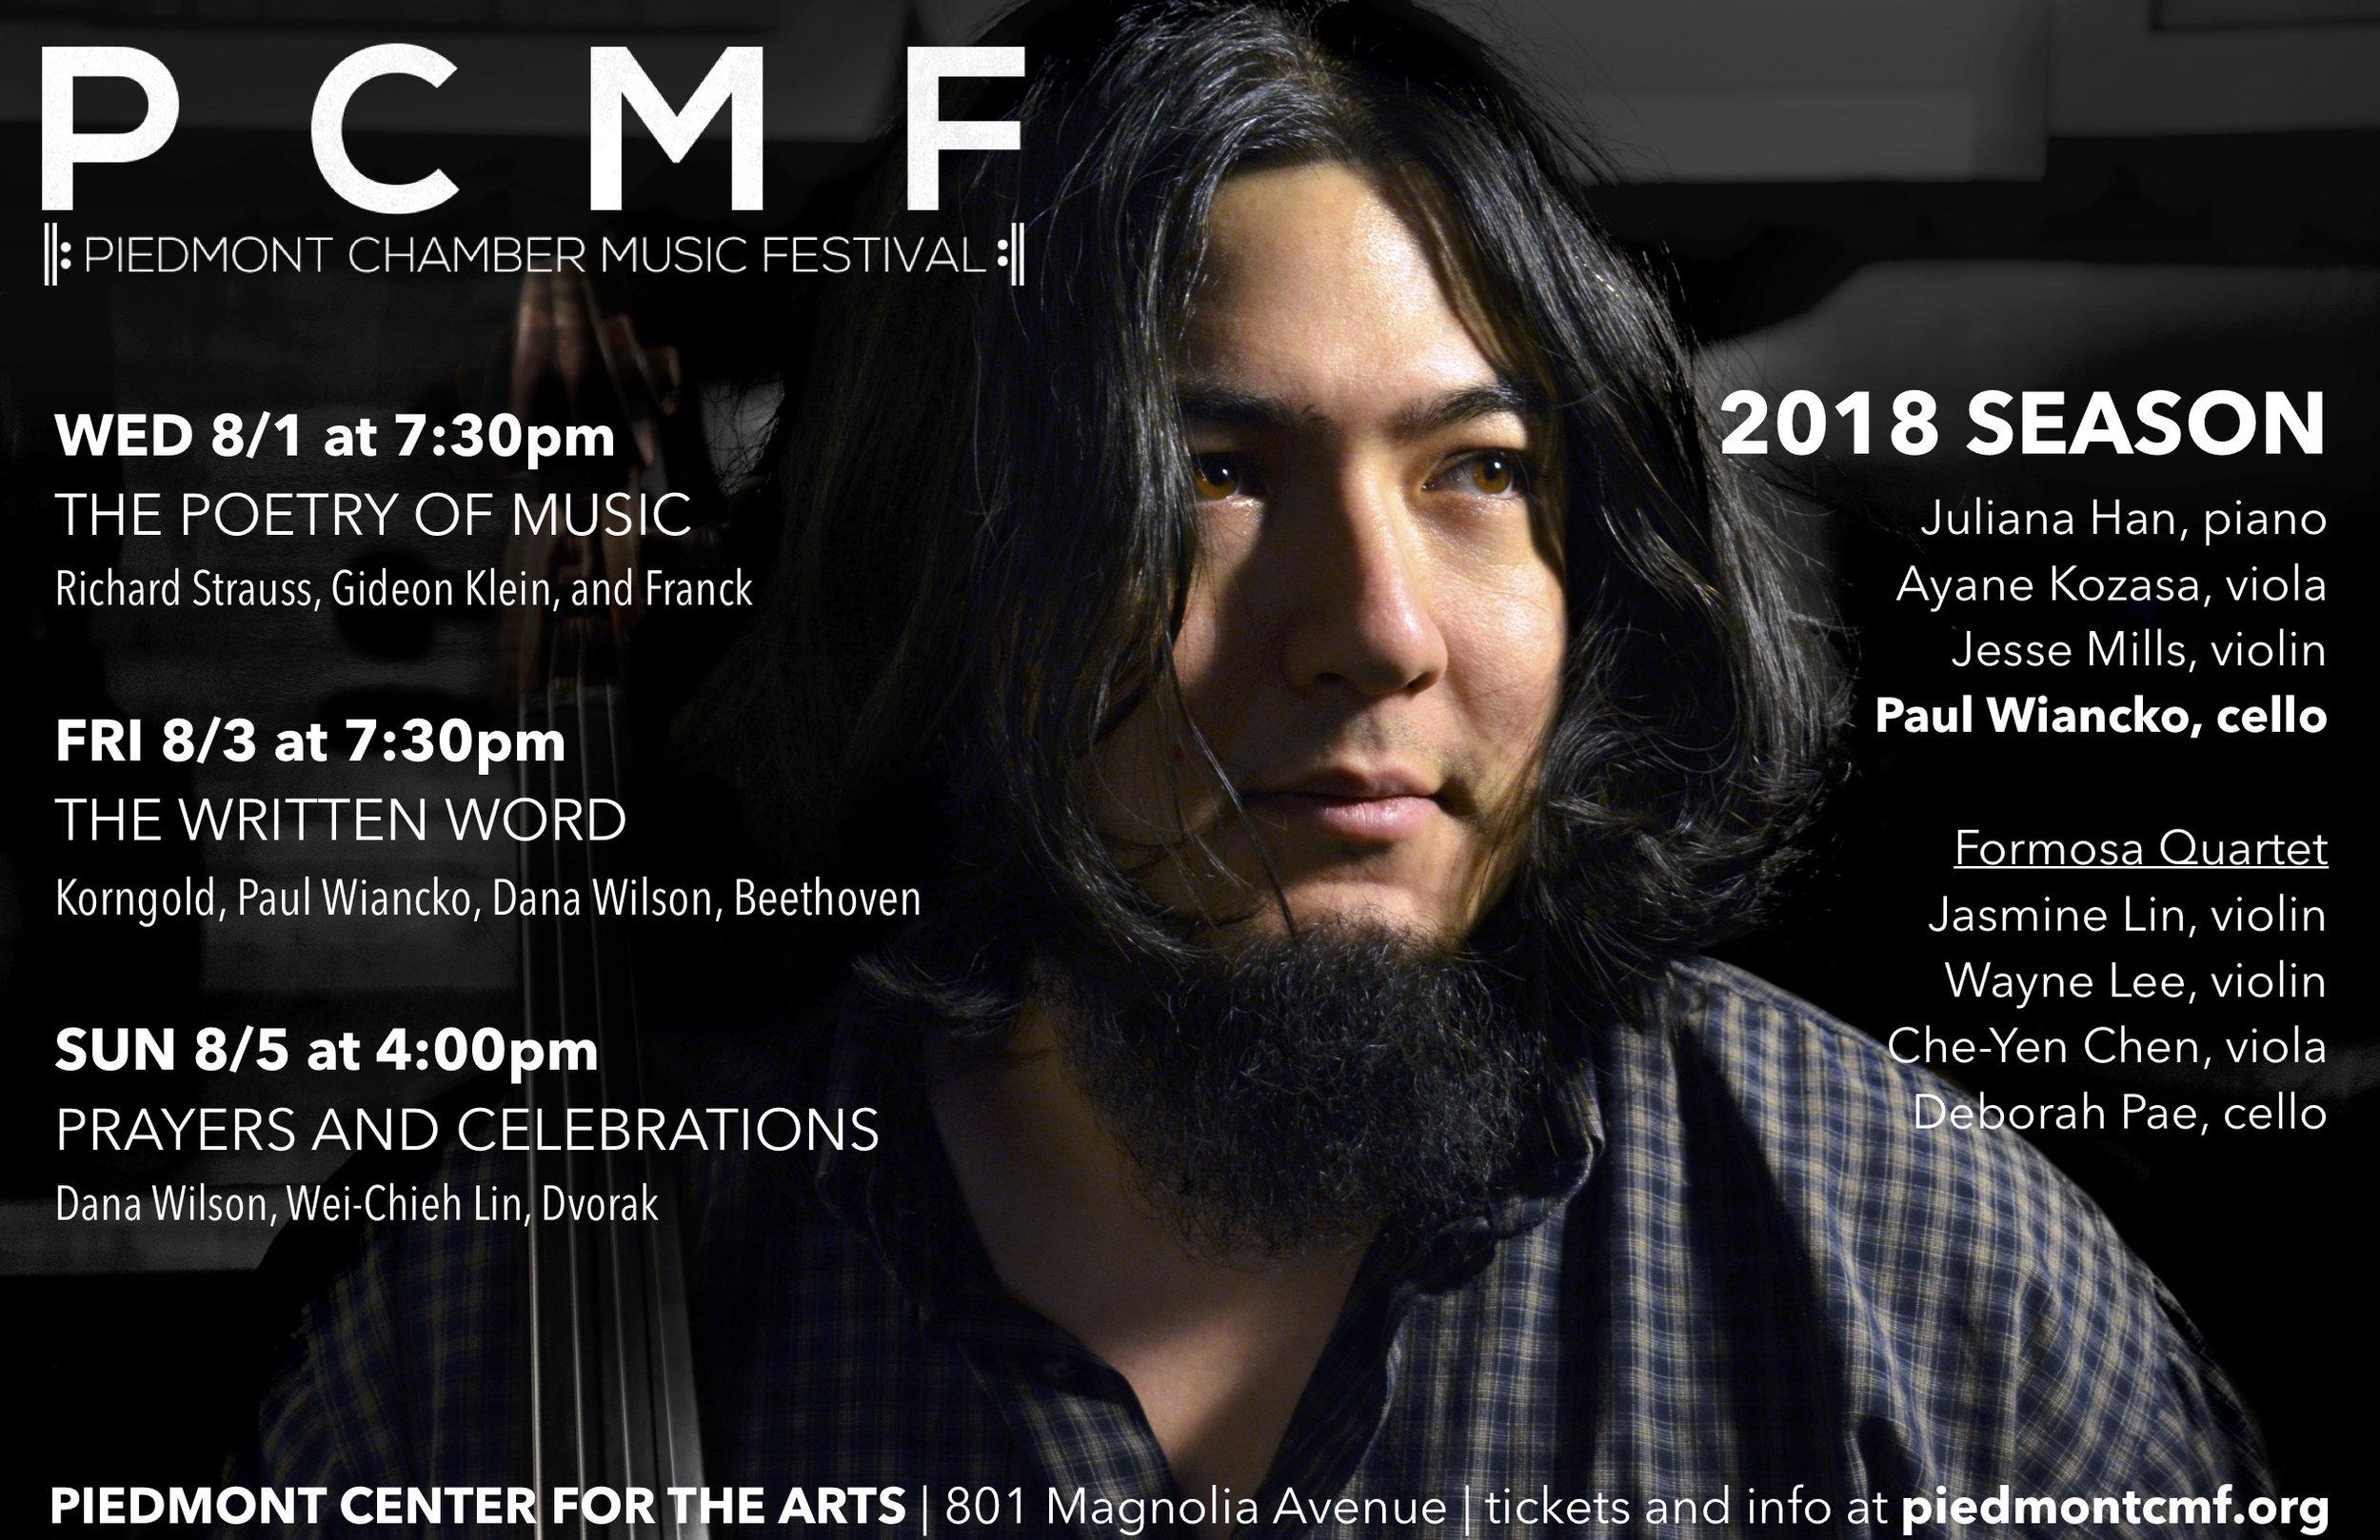 PCMF18 poster 4 (11x17).jpg